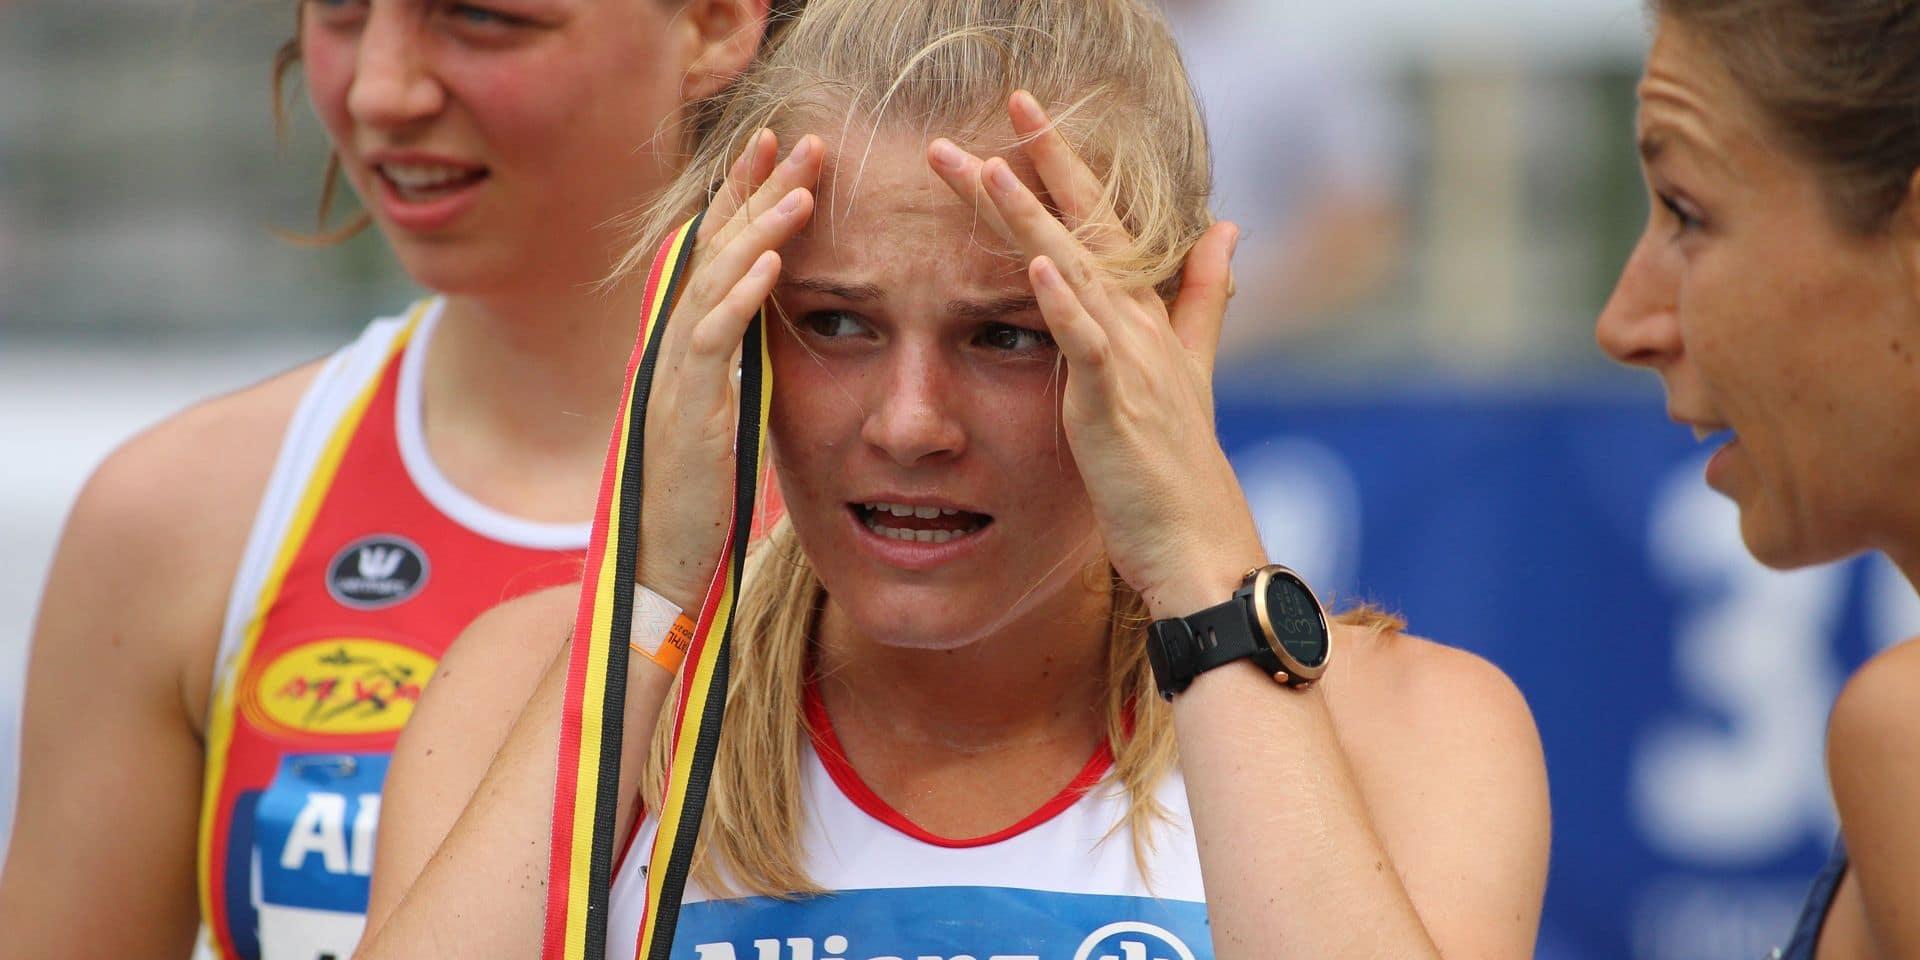 Une première en bronze pour Juliette Thomas sur le 5000 m des Championnats de Belgique